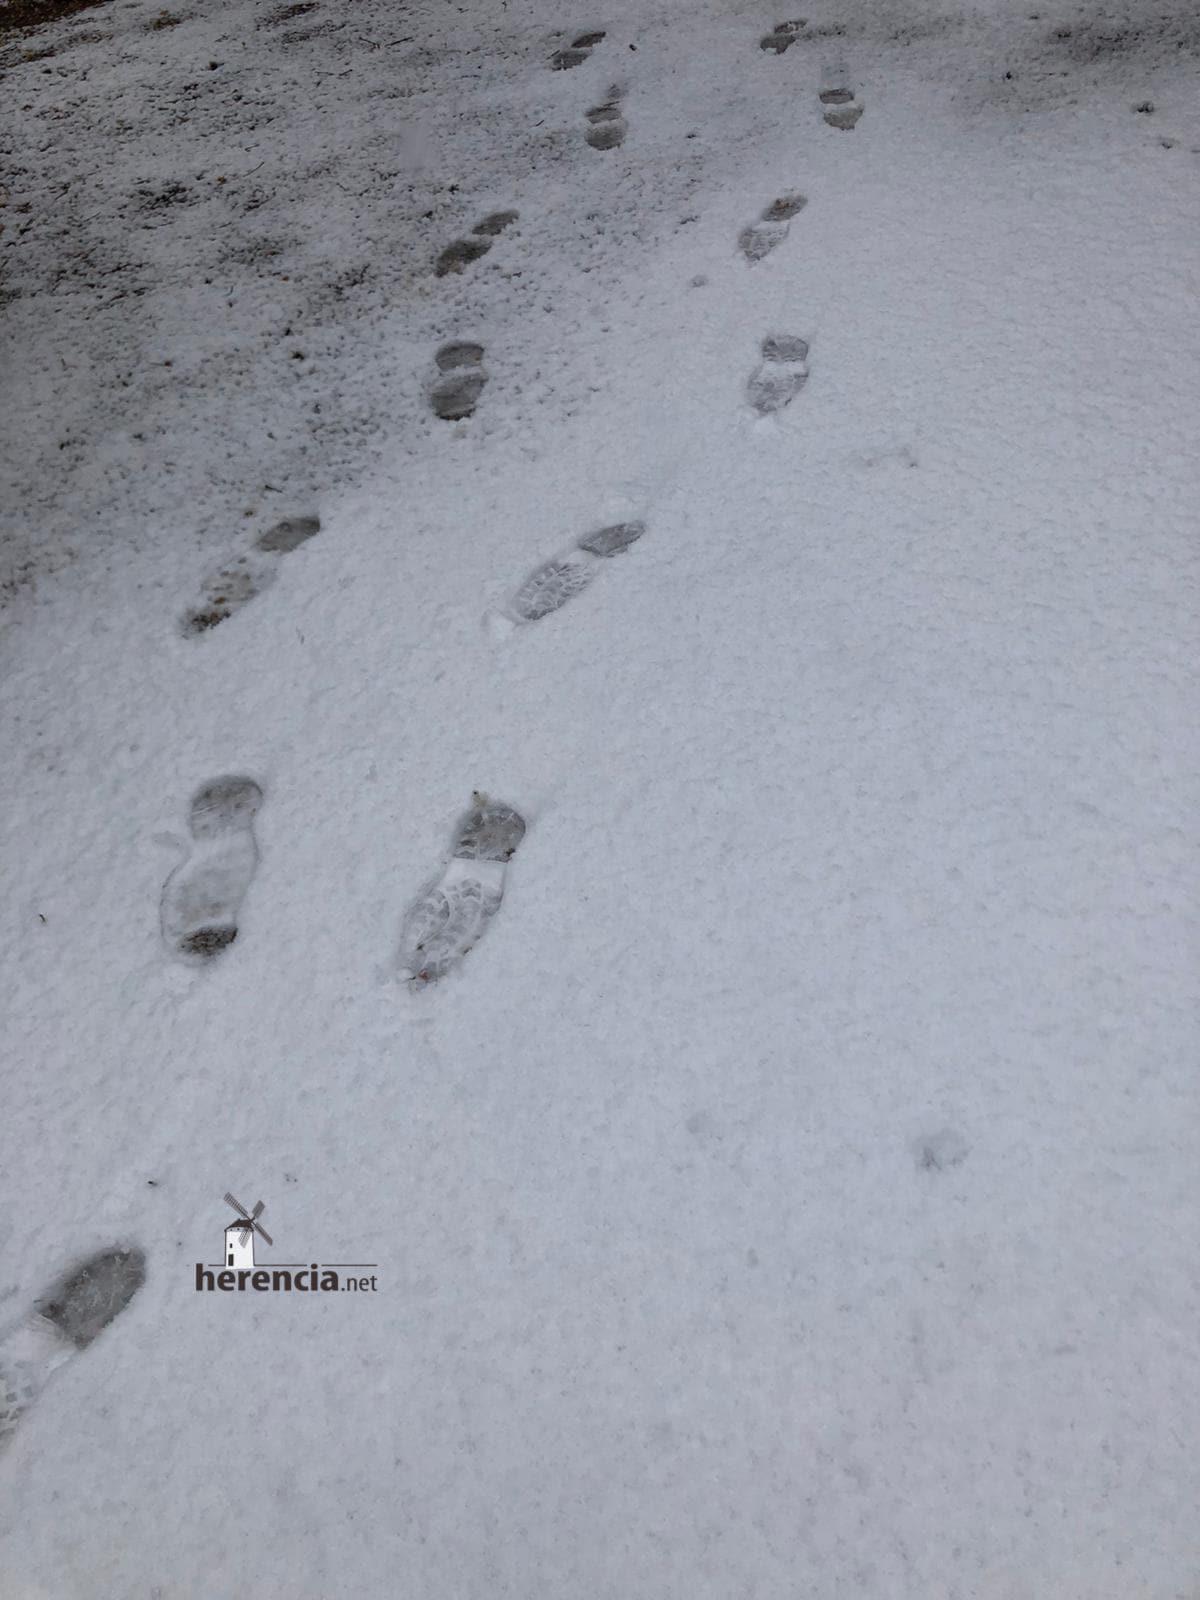 Las nevadas llegan Herencia y a toda Castilla-La Mancha (actualizado) 119